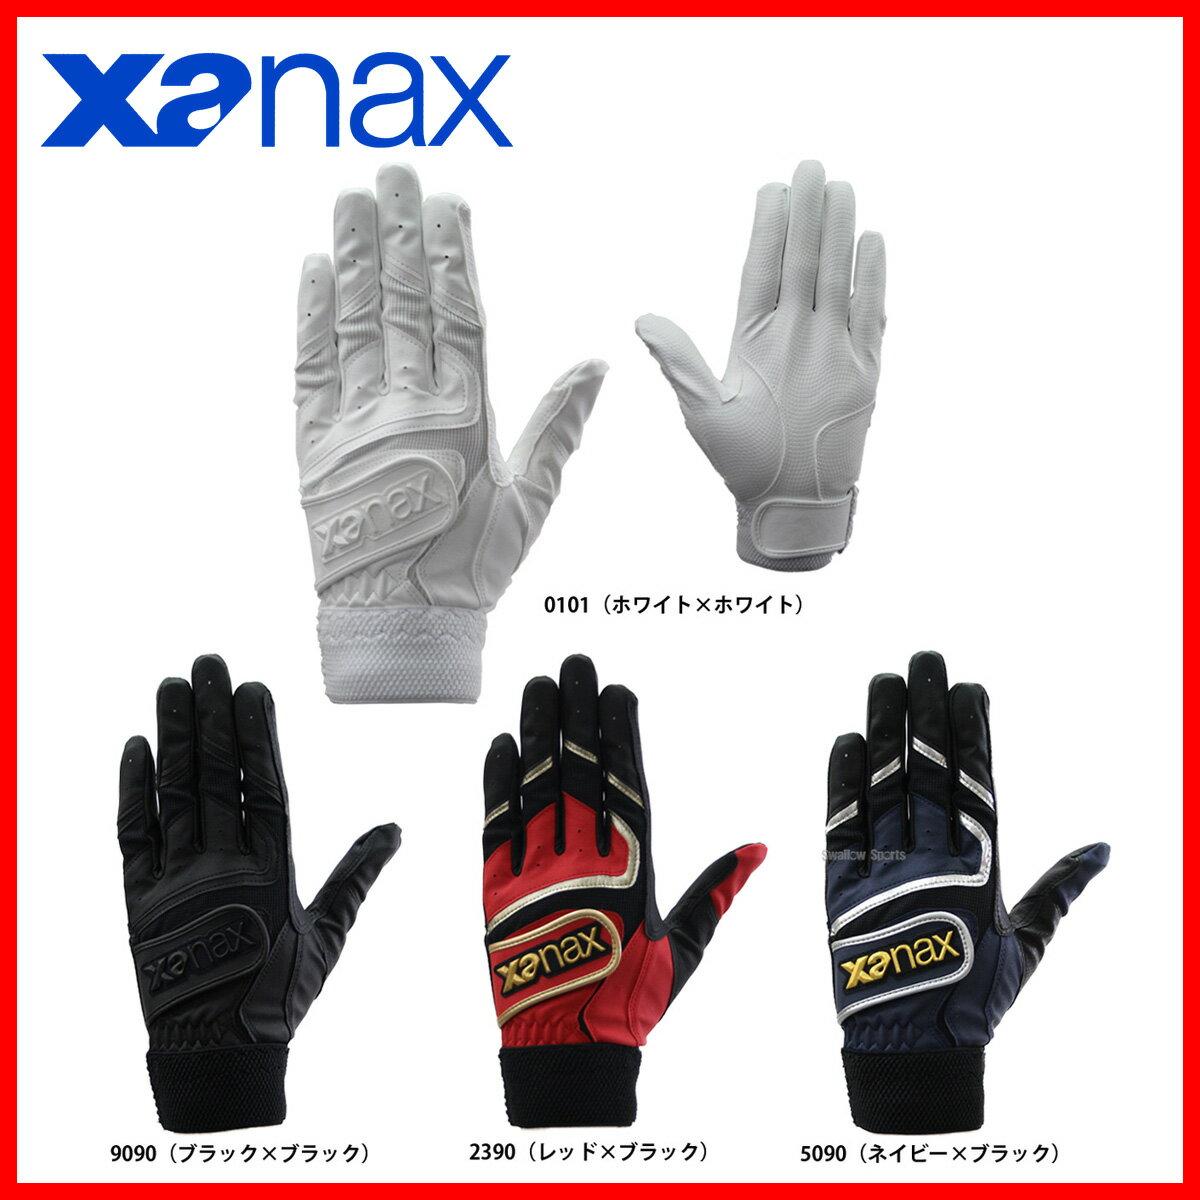 【あす楽対応】 ザナックス クロス ダブルベルト バッティング手袋 両手用 一部高校野球対応 BBG-81 野球部 野球用品 スワロースポーツ 入学祝い